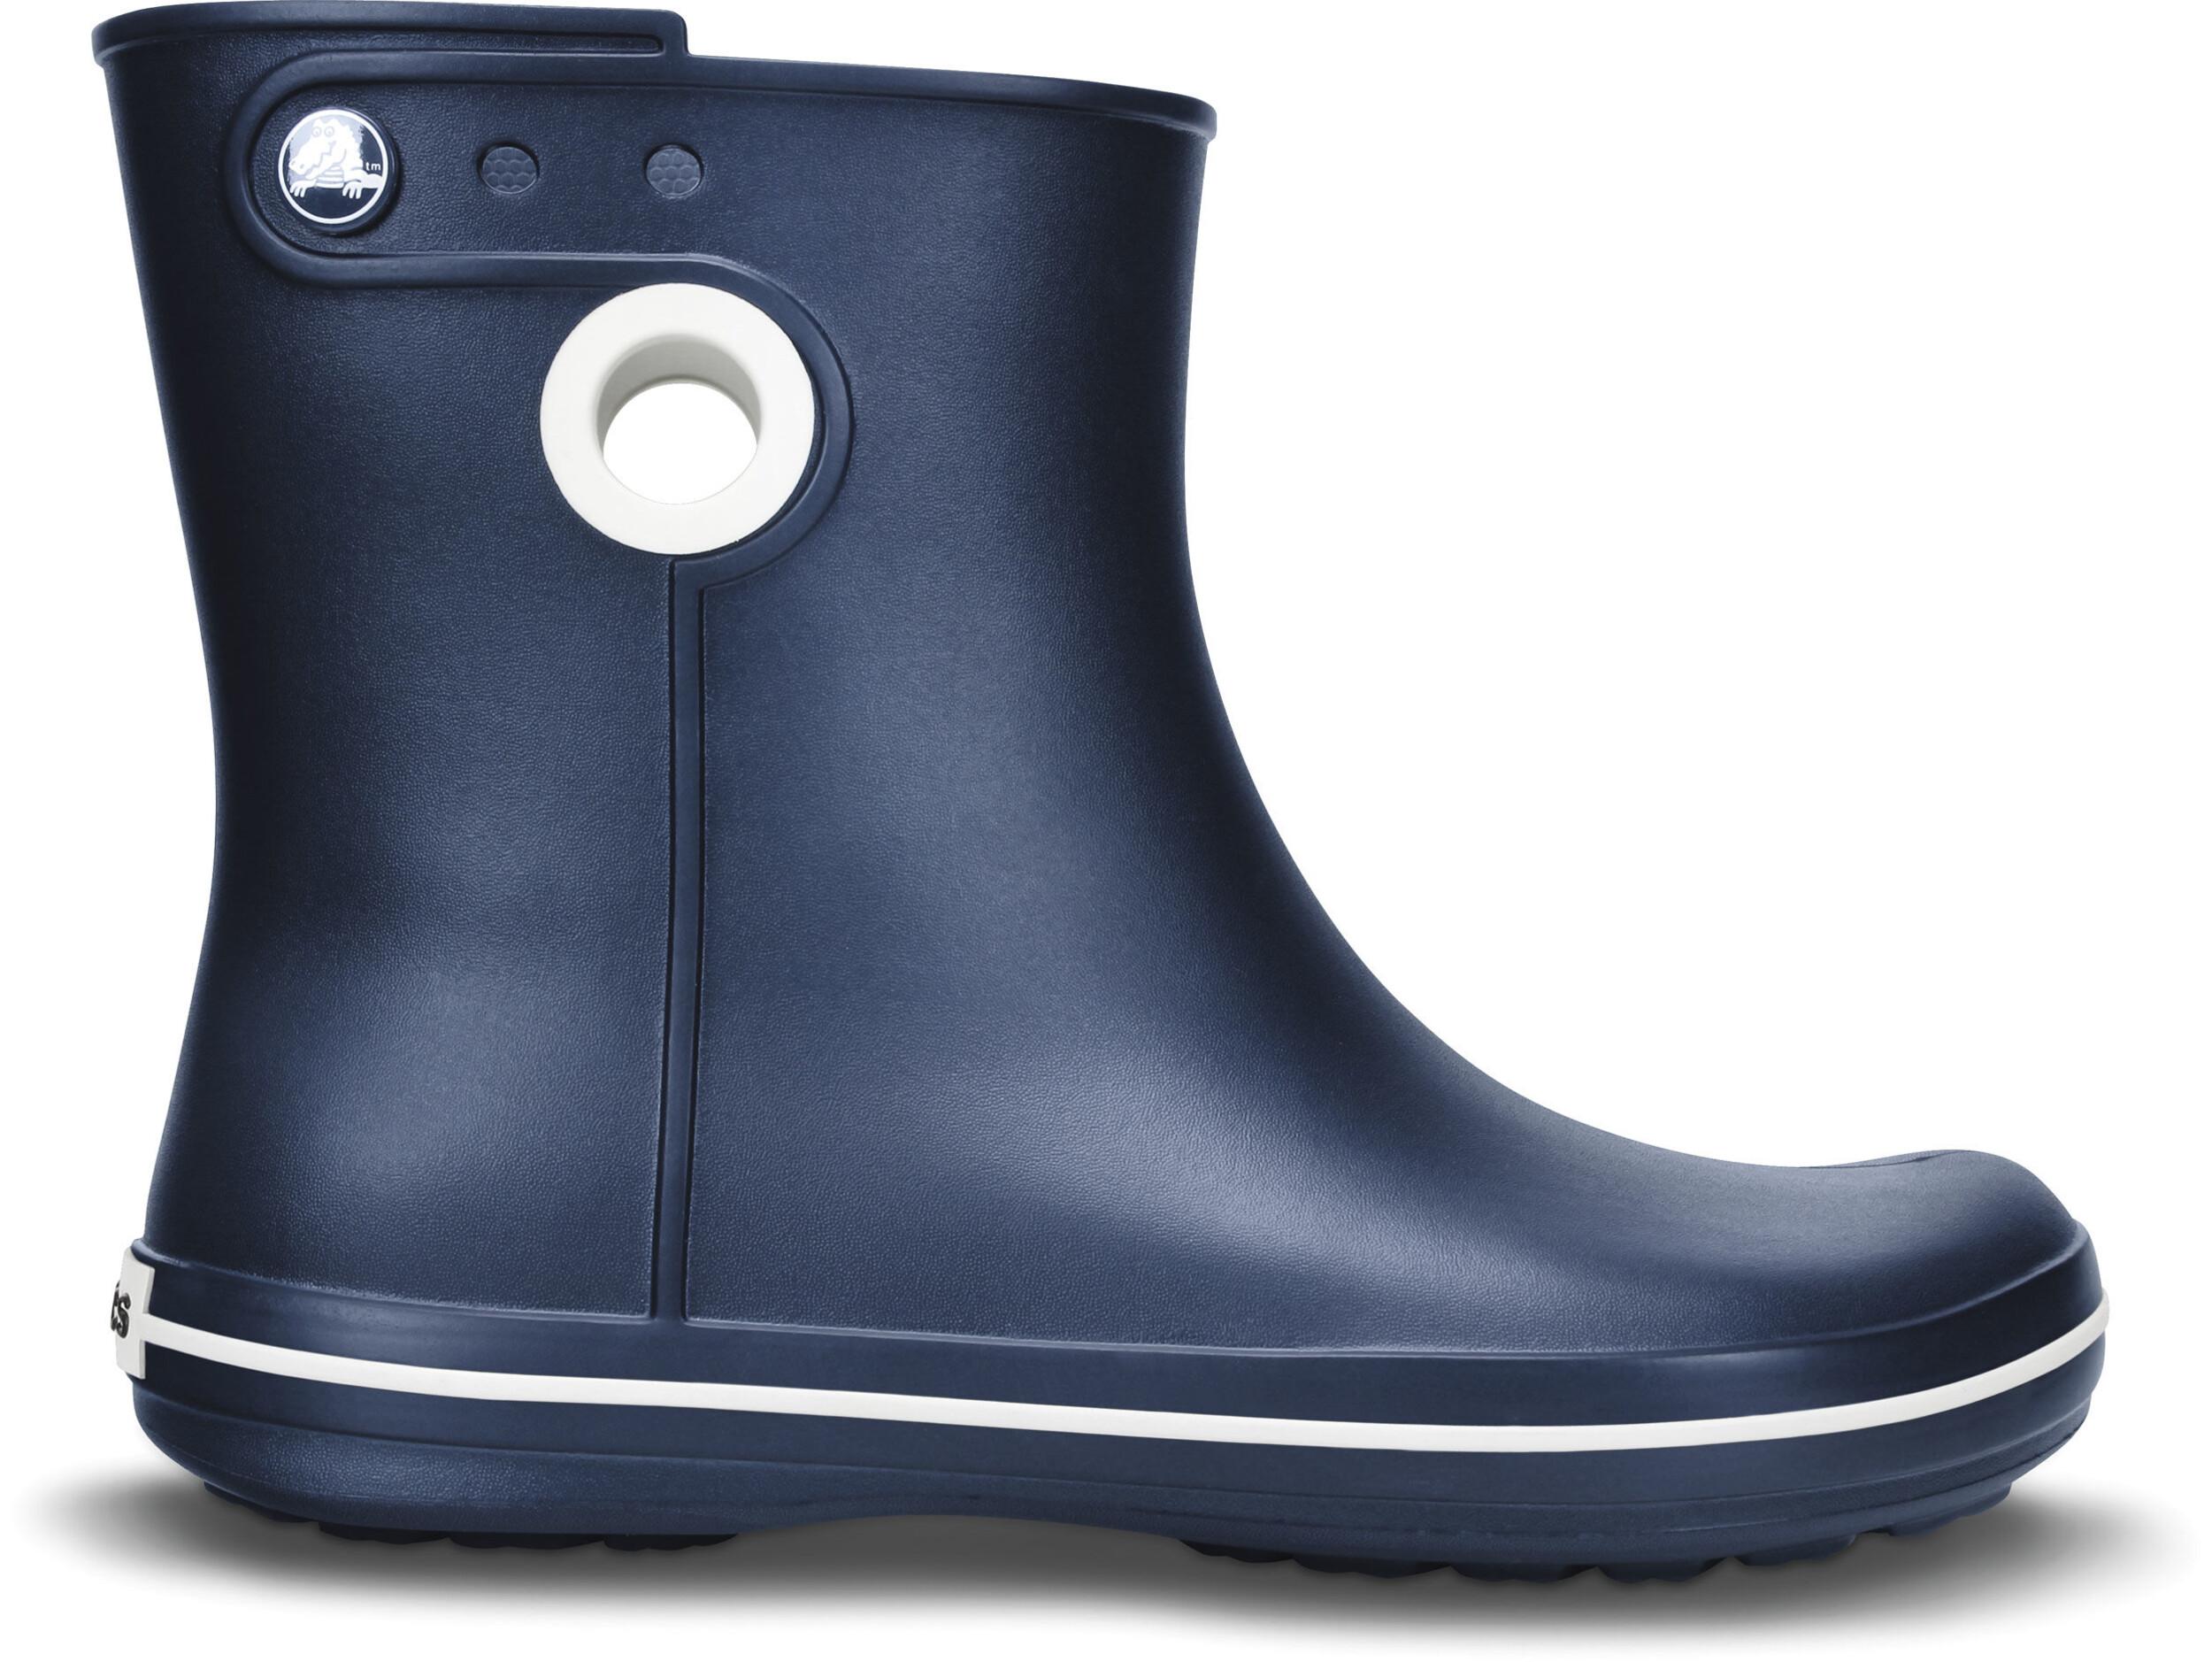 Crocs Jaunt Shorty Gummistøvler Damer blå | Find outdoortøj, sko & udstyr på nettet | CAMPZ.dk